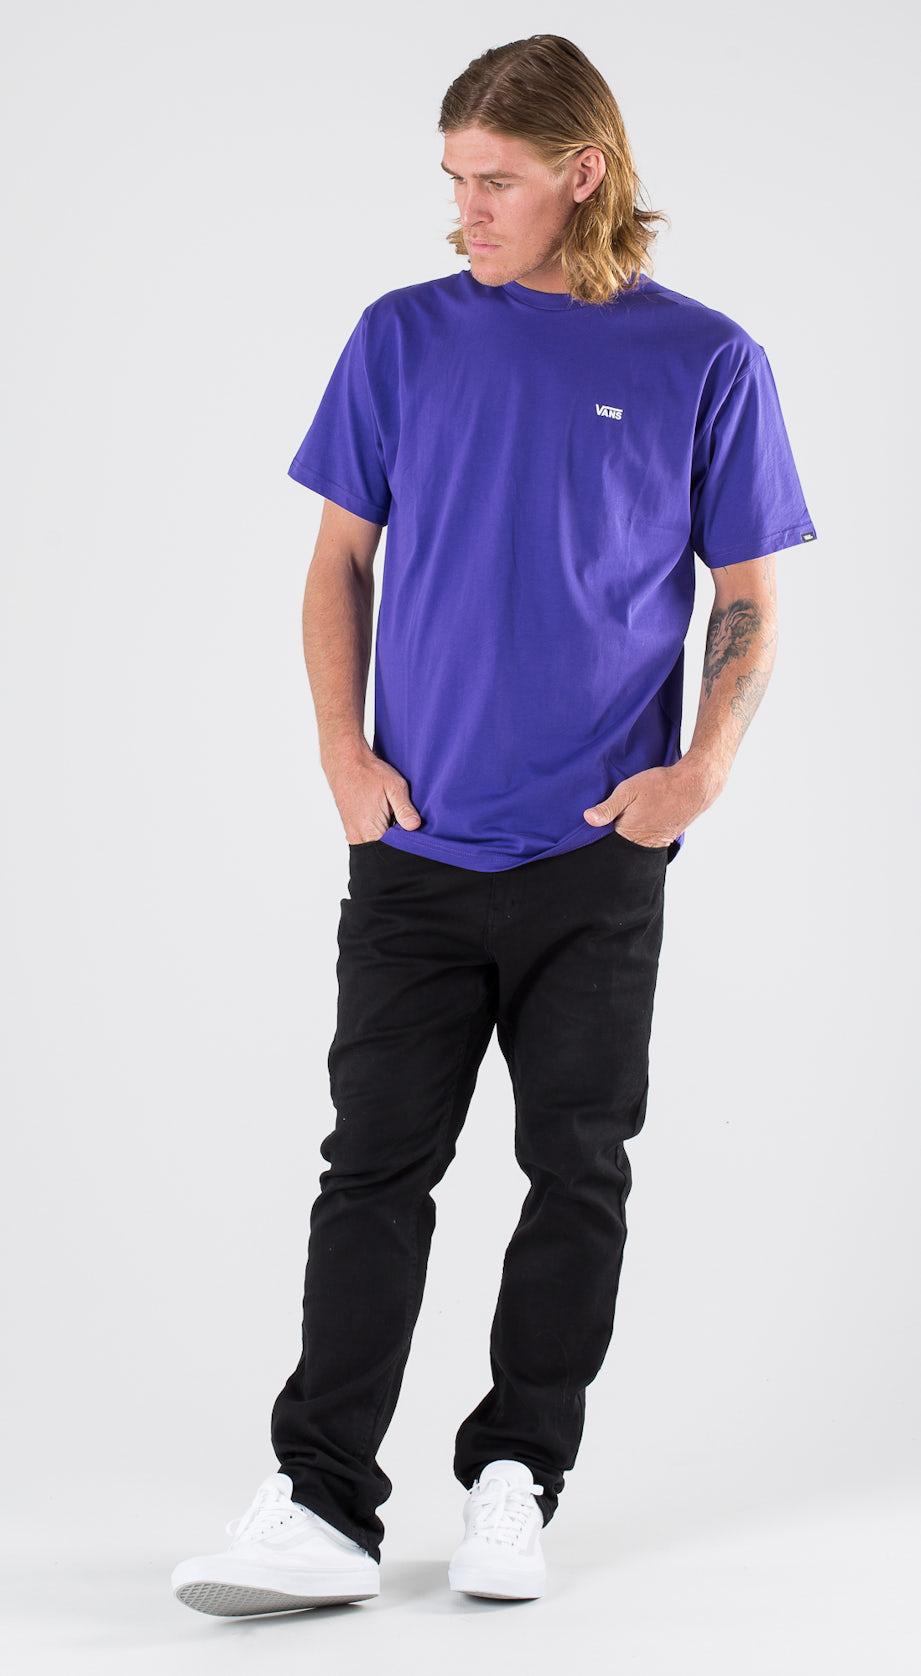 Vans Left Chest Logo Vans Purple Outfit Multi